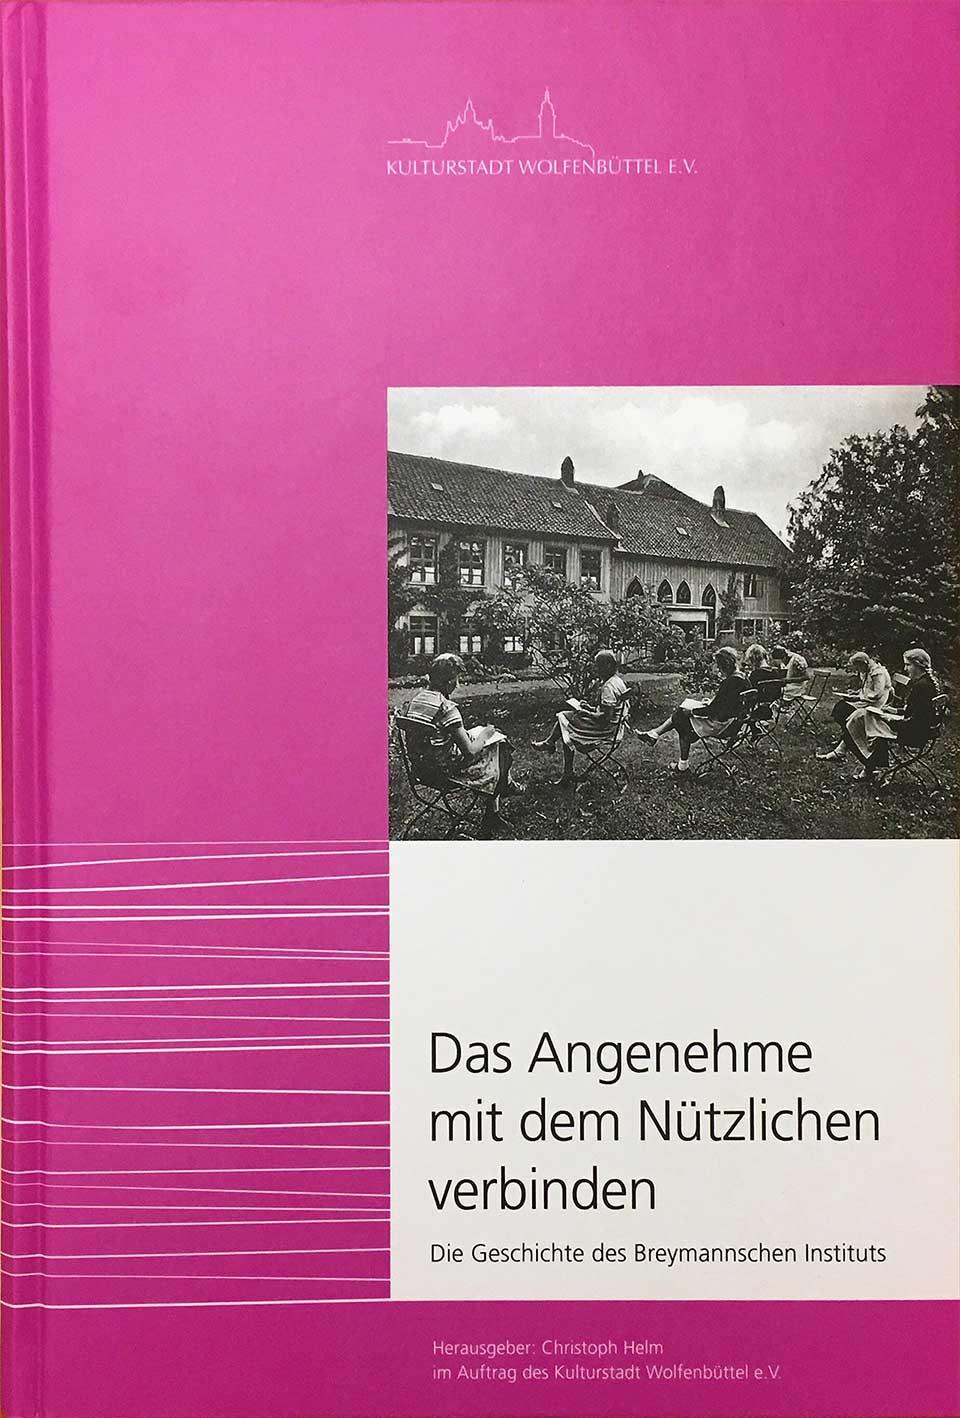 Das Angenehme mit dem Nützlichen verbinden – Die Geschichte des Breymannschen Instituts